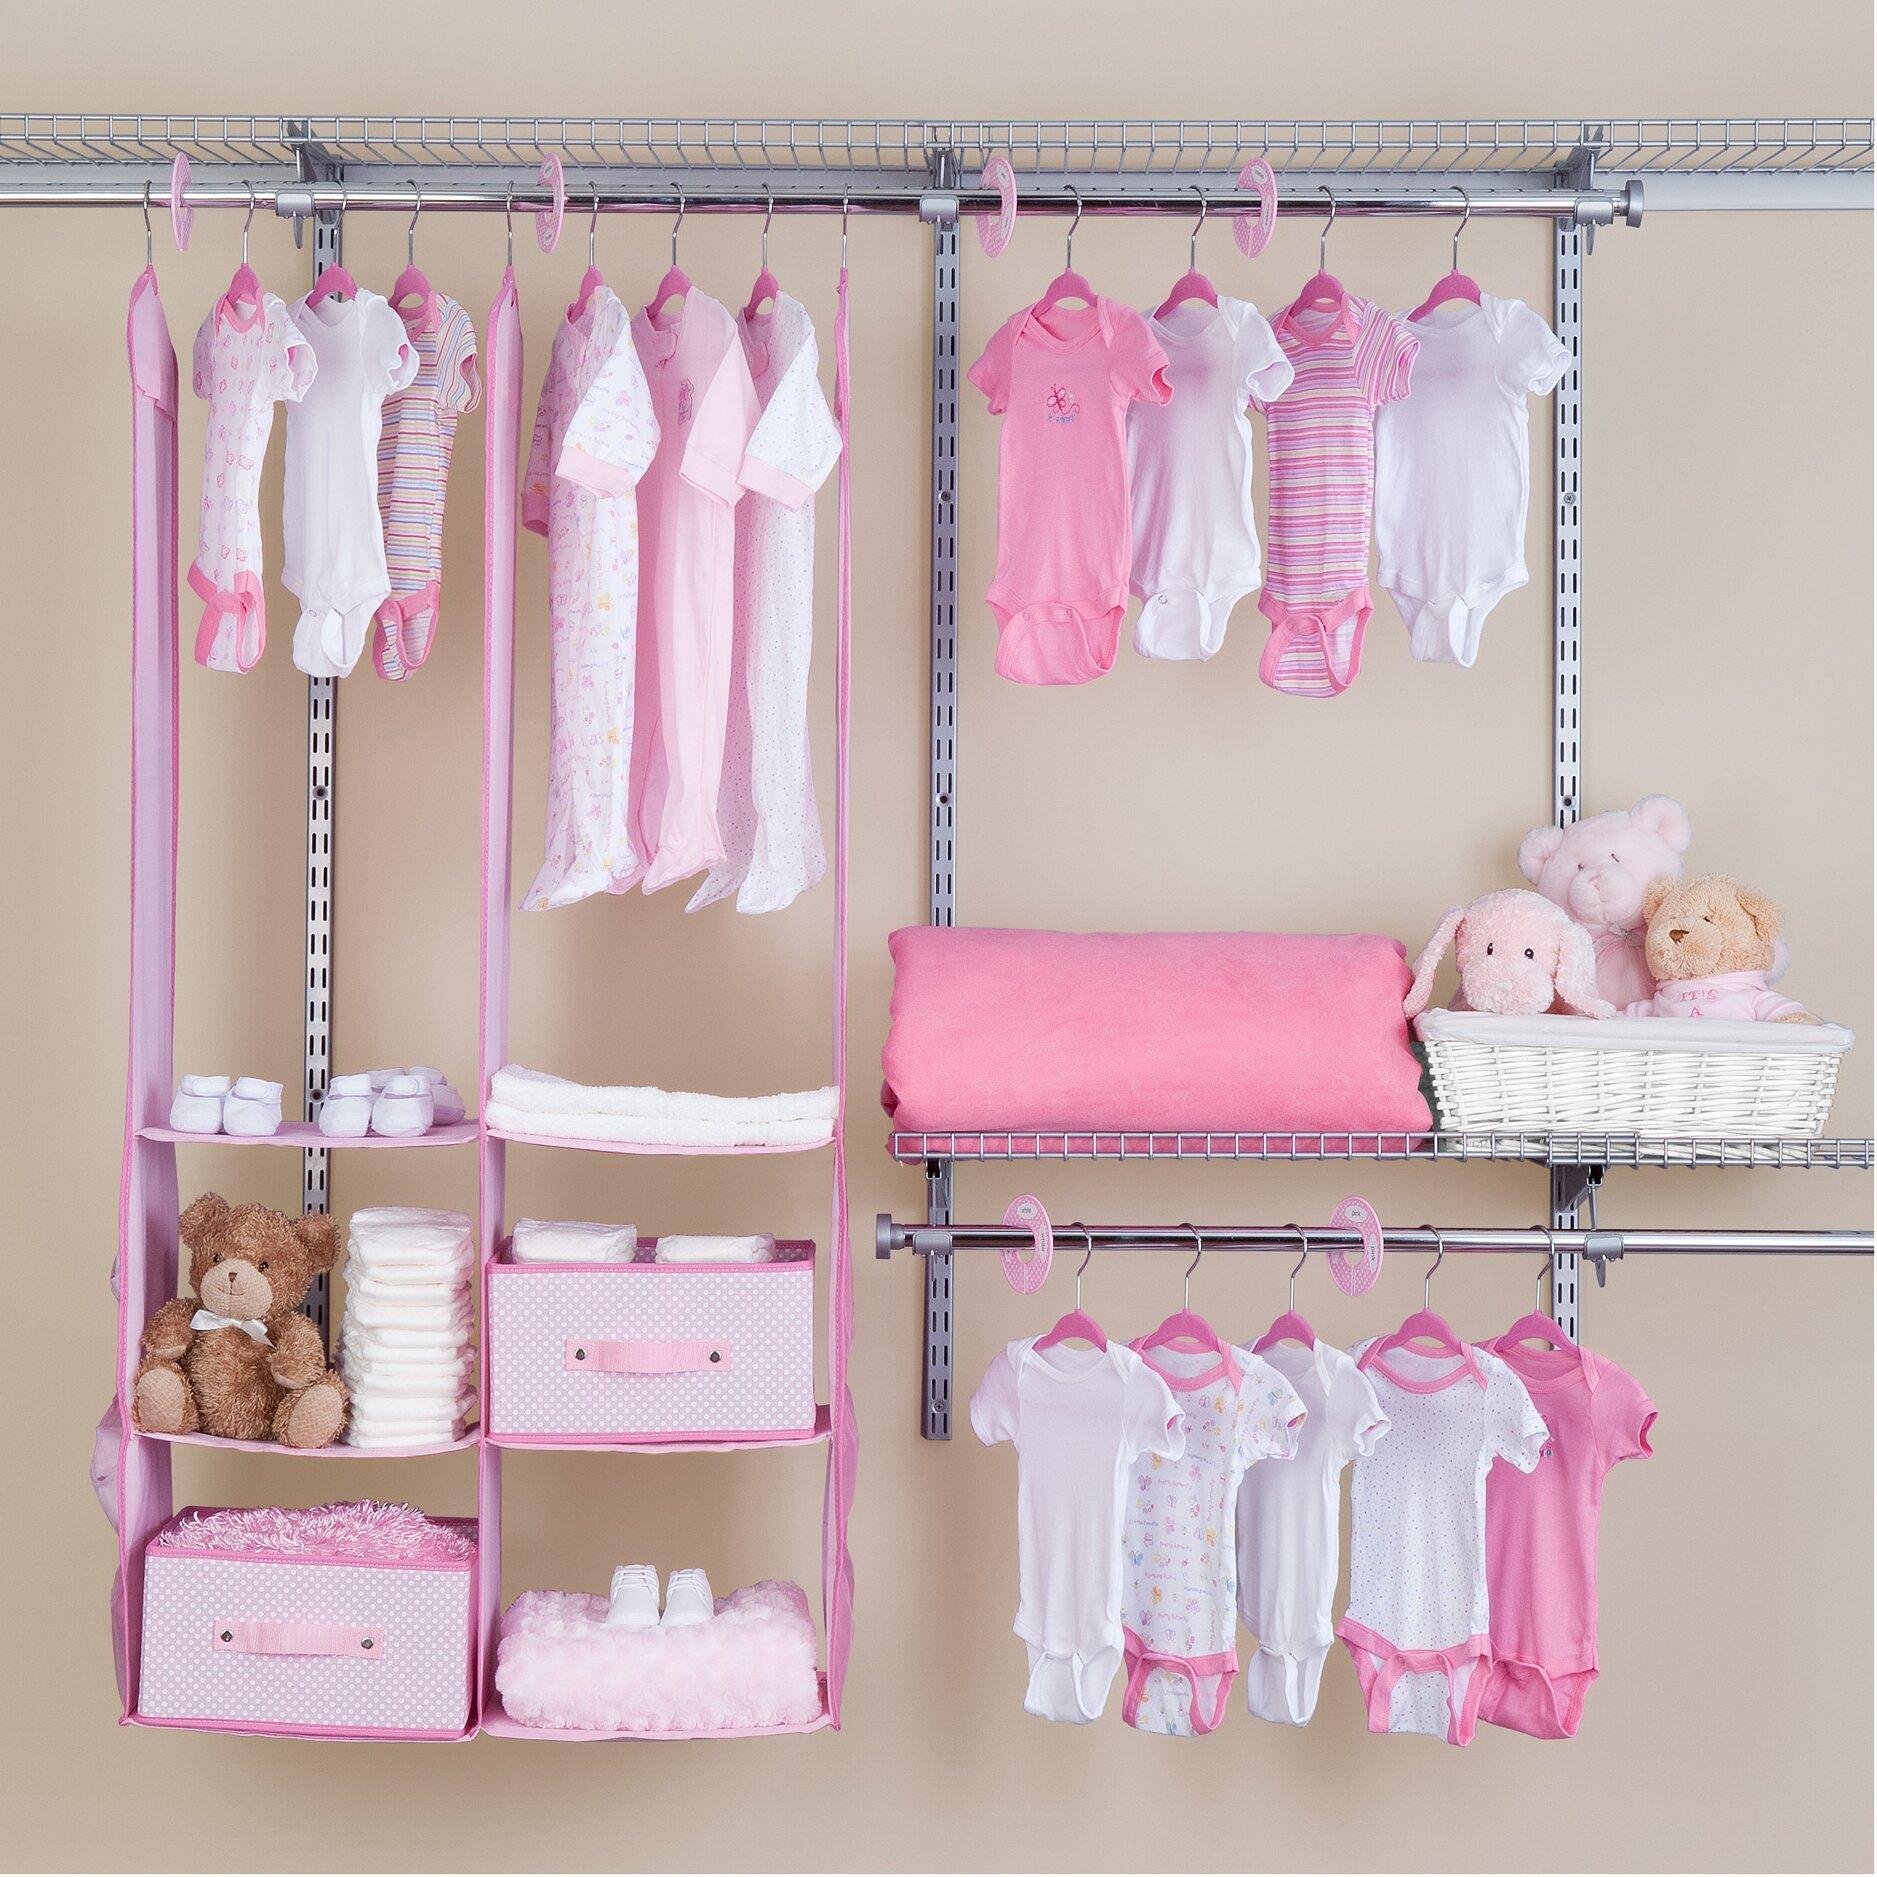 Baby Nursery Decorating Checklist: Delta Children Deep Nursery Closet Organizer 24 Piece Set